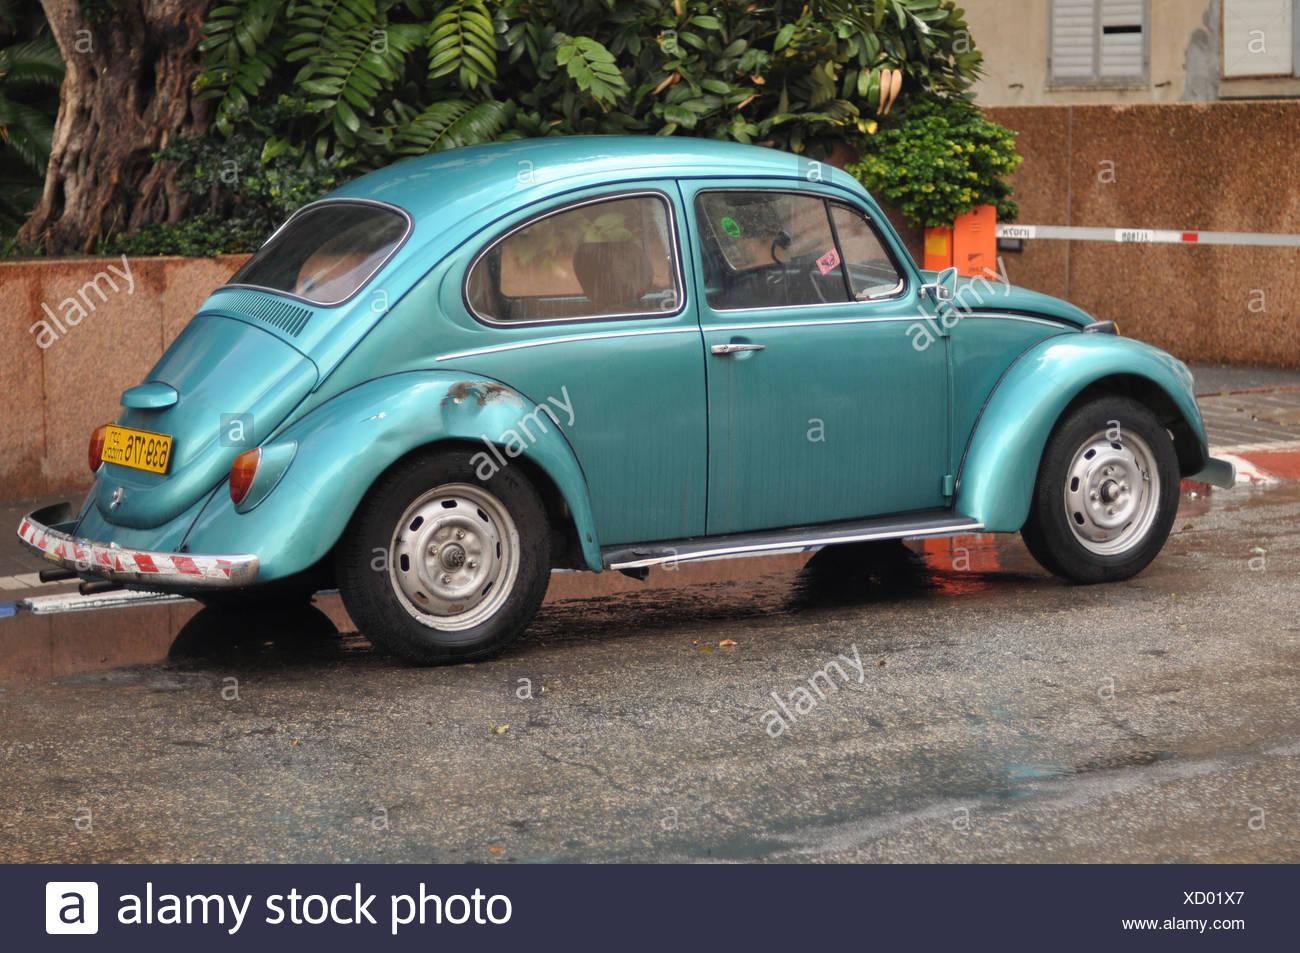 Volkswagen Type 1 AKA Beetle - Stock Image